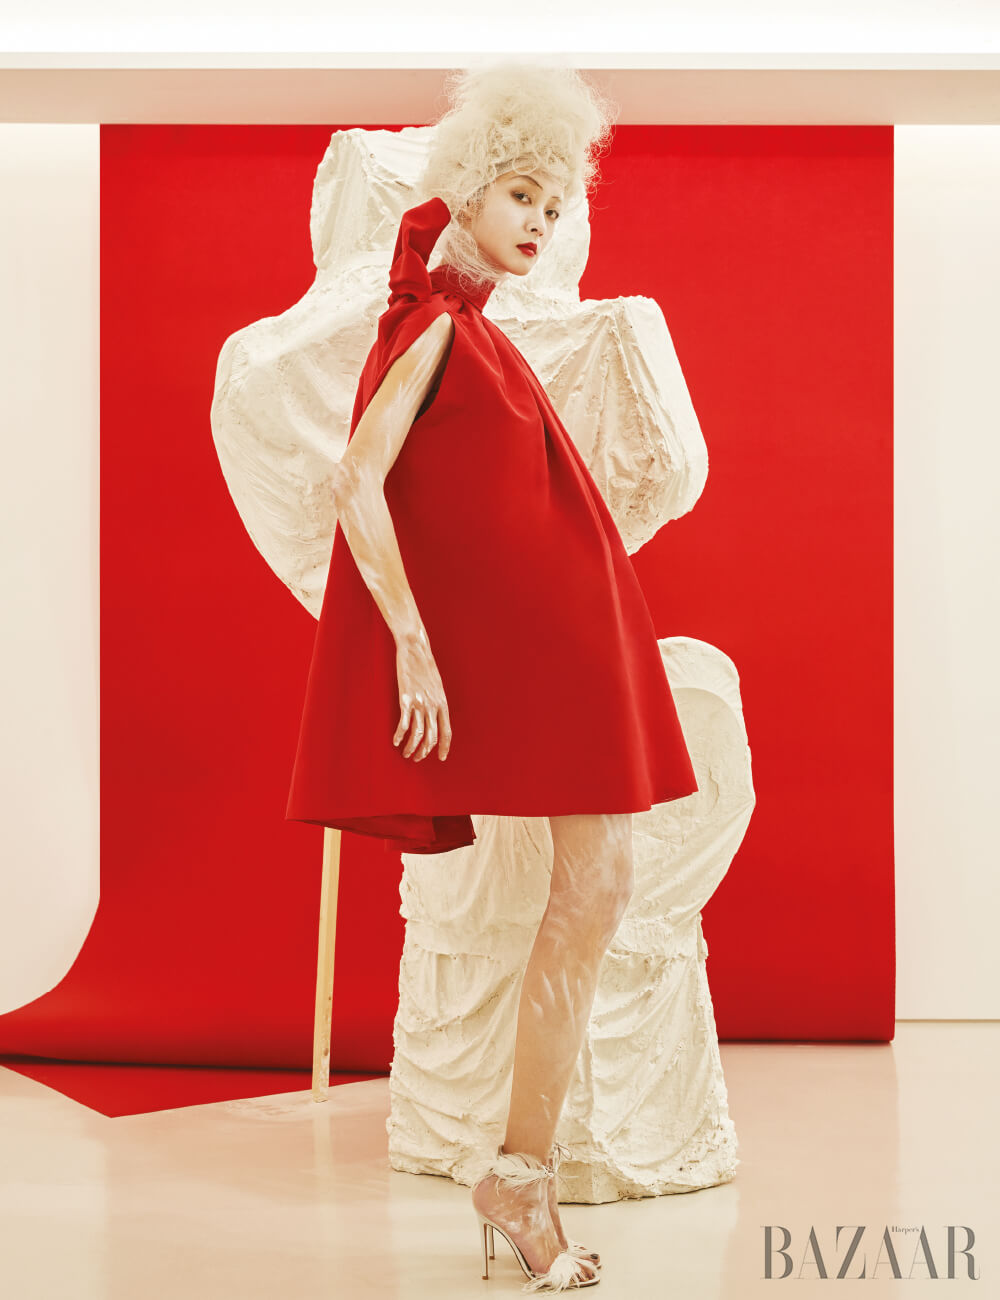 드레스는 Valentino, 샌들은 Gianvito Rossi 제품.